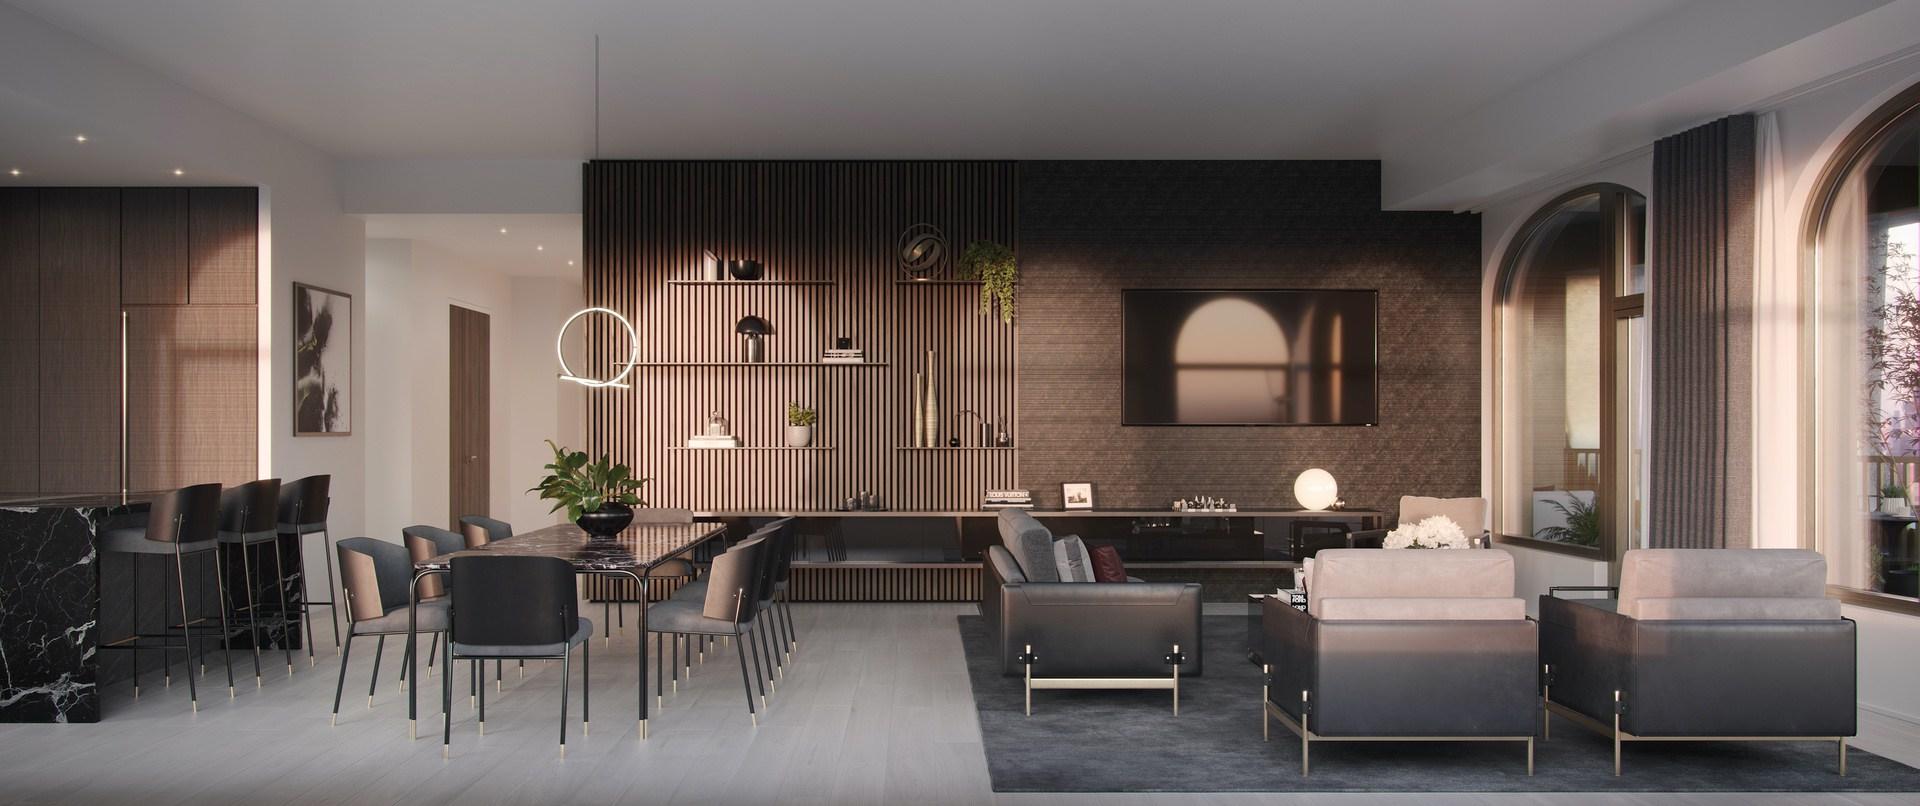 Aston_Martin_NY_Apartments_0010